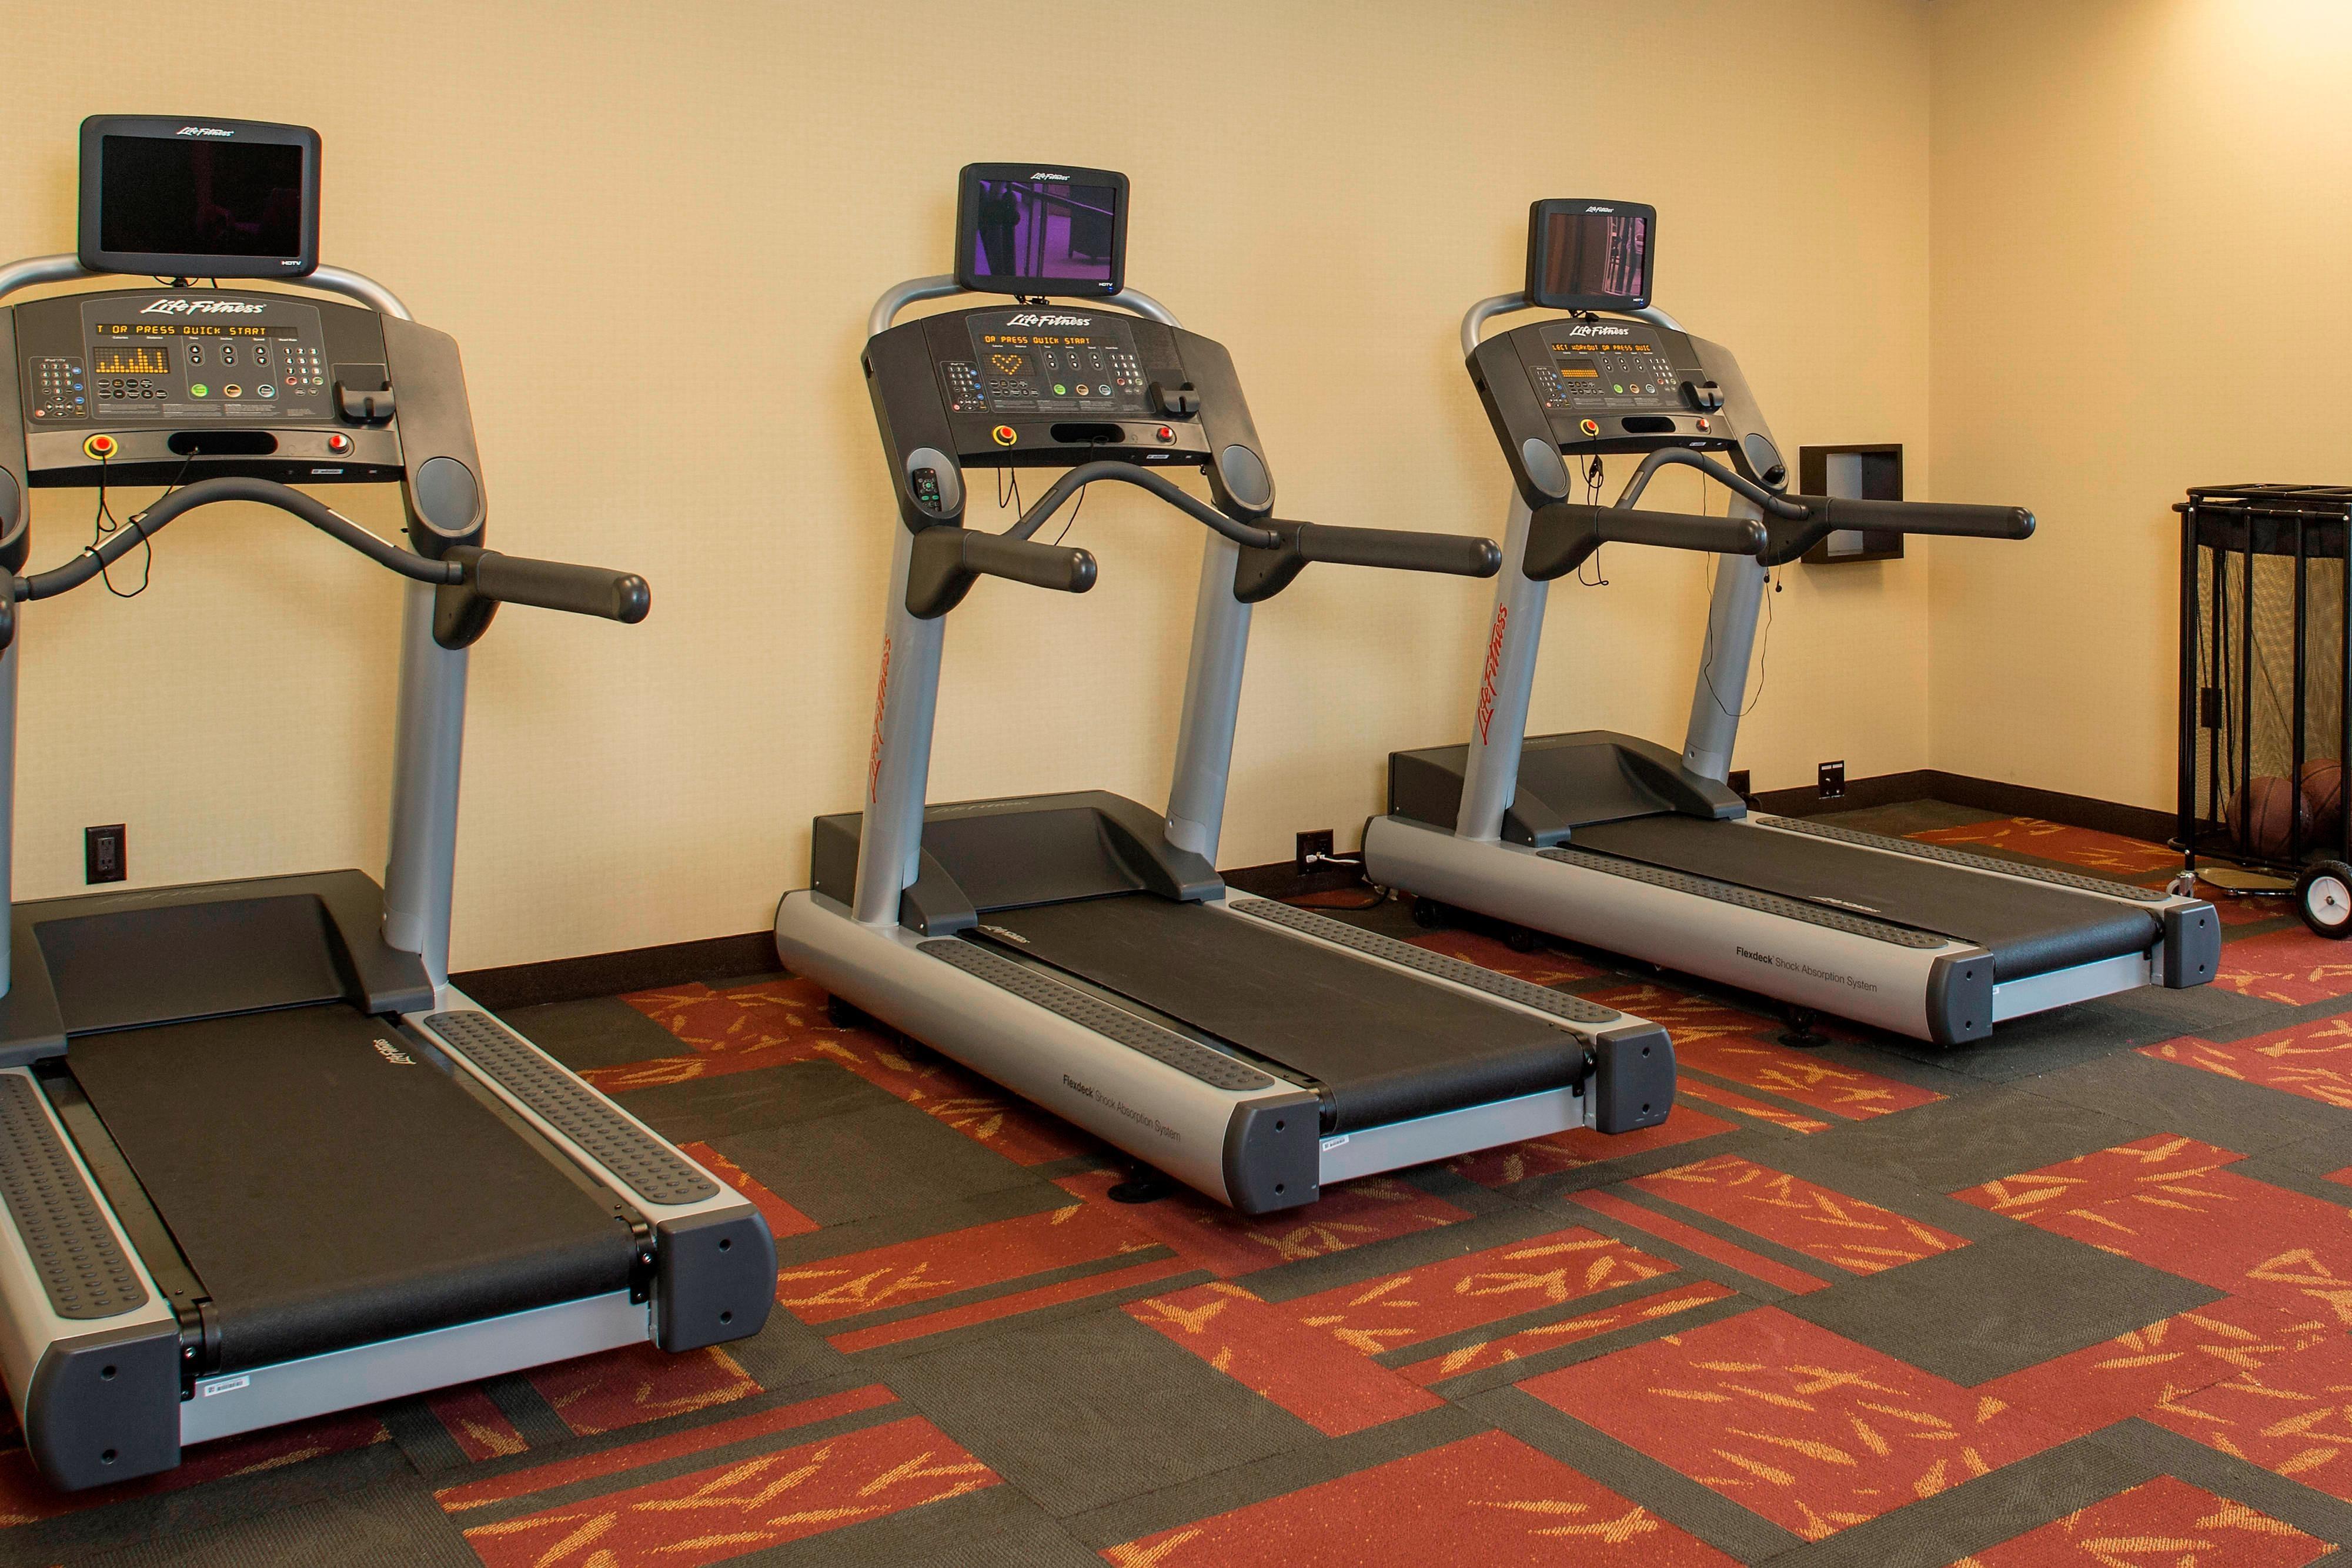 Midlothian hotel fitness center